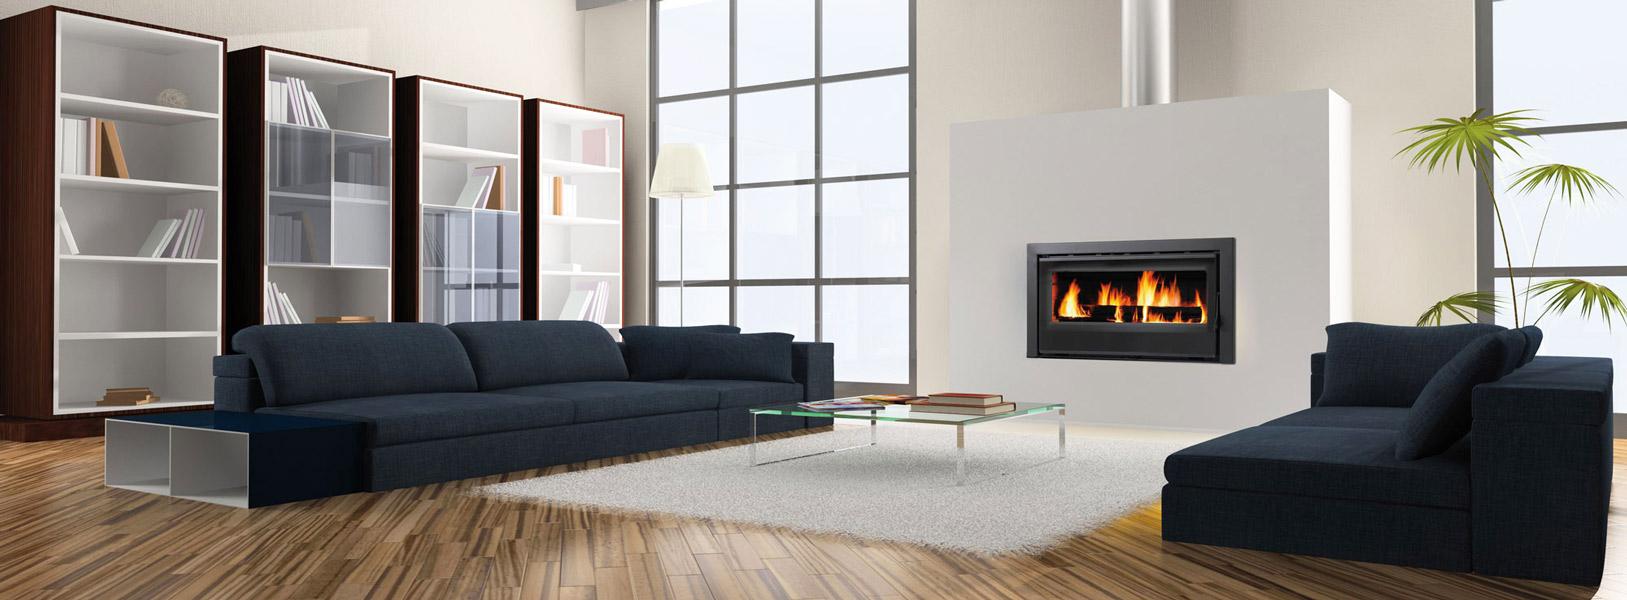 chemin e ou insert au centre de votre habitation. Black Bedroom Furniture Sets. Home Design Ideas